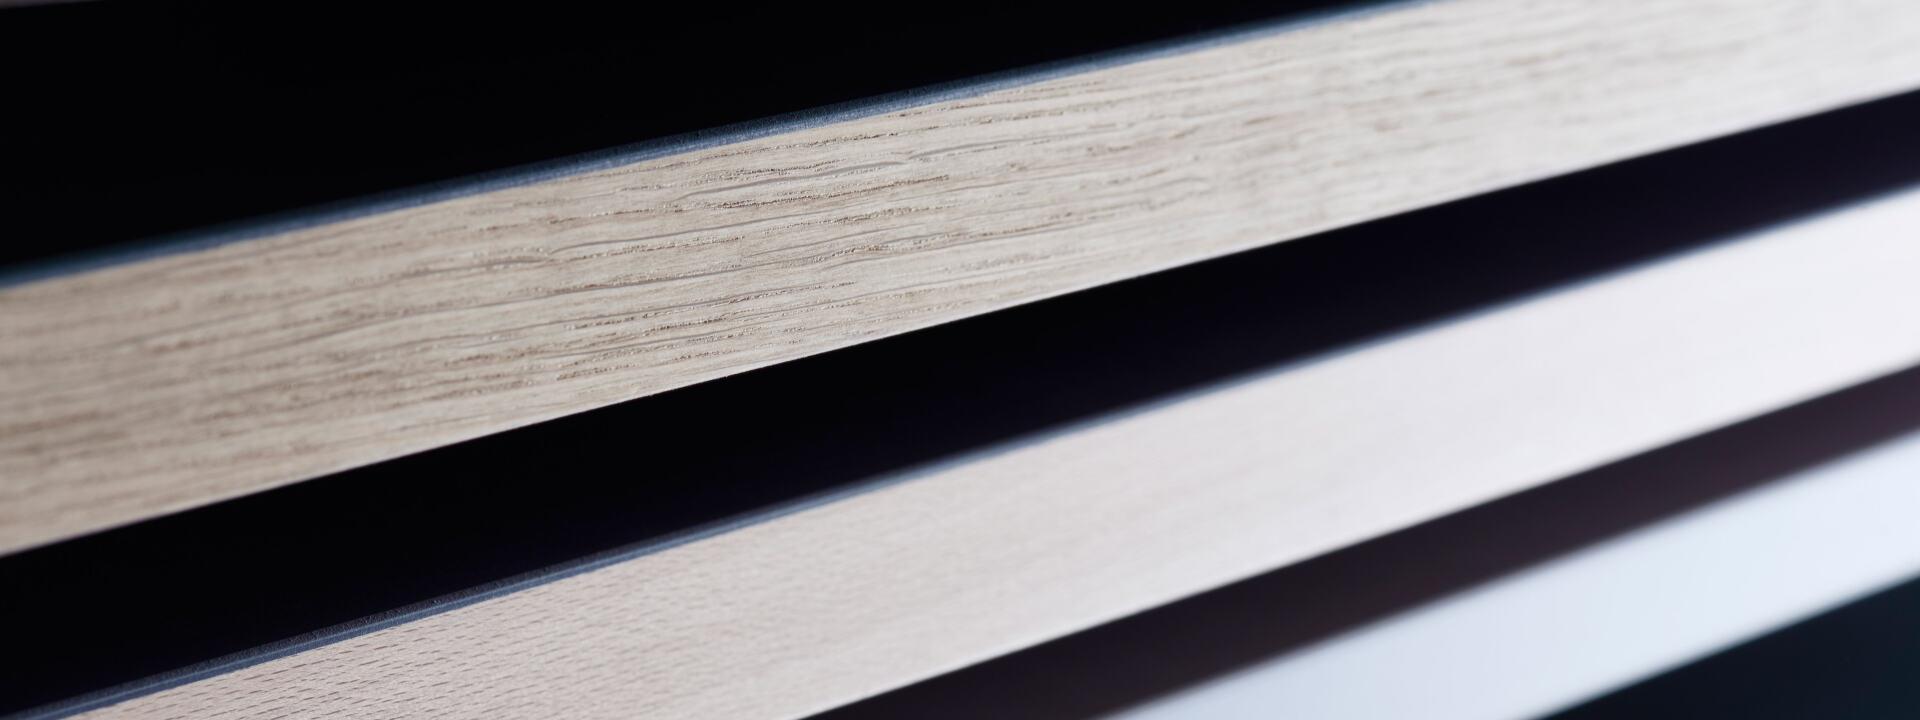 Schreinergesellen CNC, Tischplatten, Tische, Gestelle, Regalsystem, Sitzsysteme, Büro & Zuhause, Zubehör